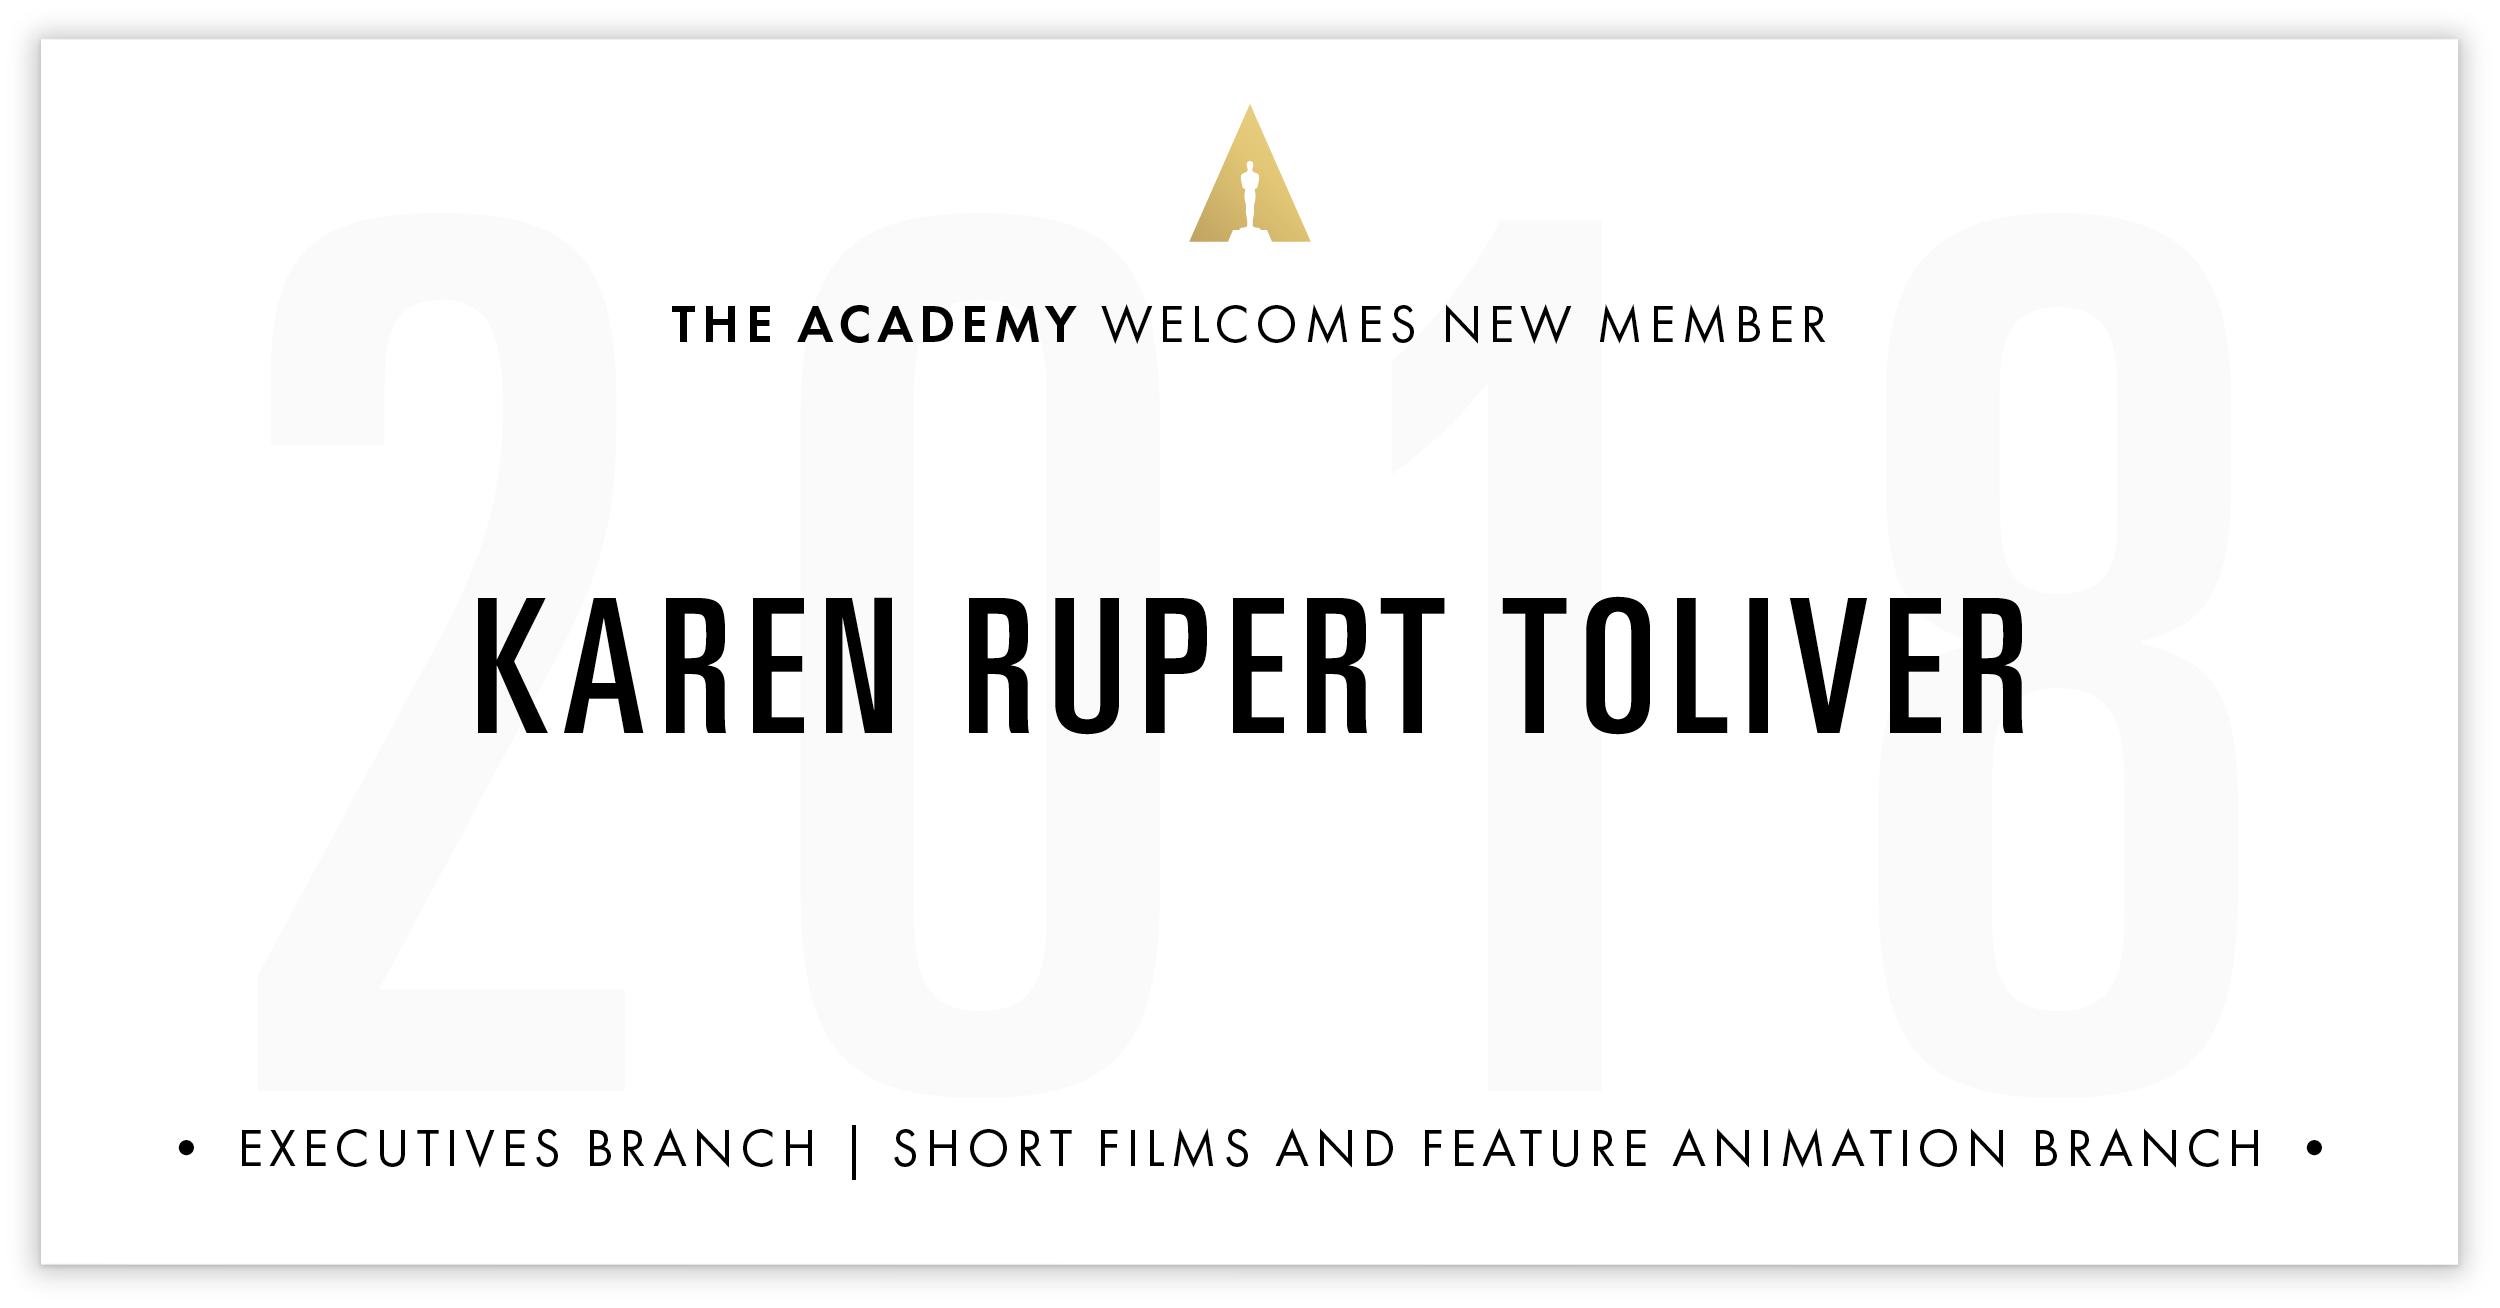 Karen Toliver is invited!